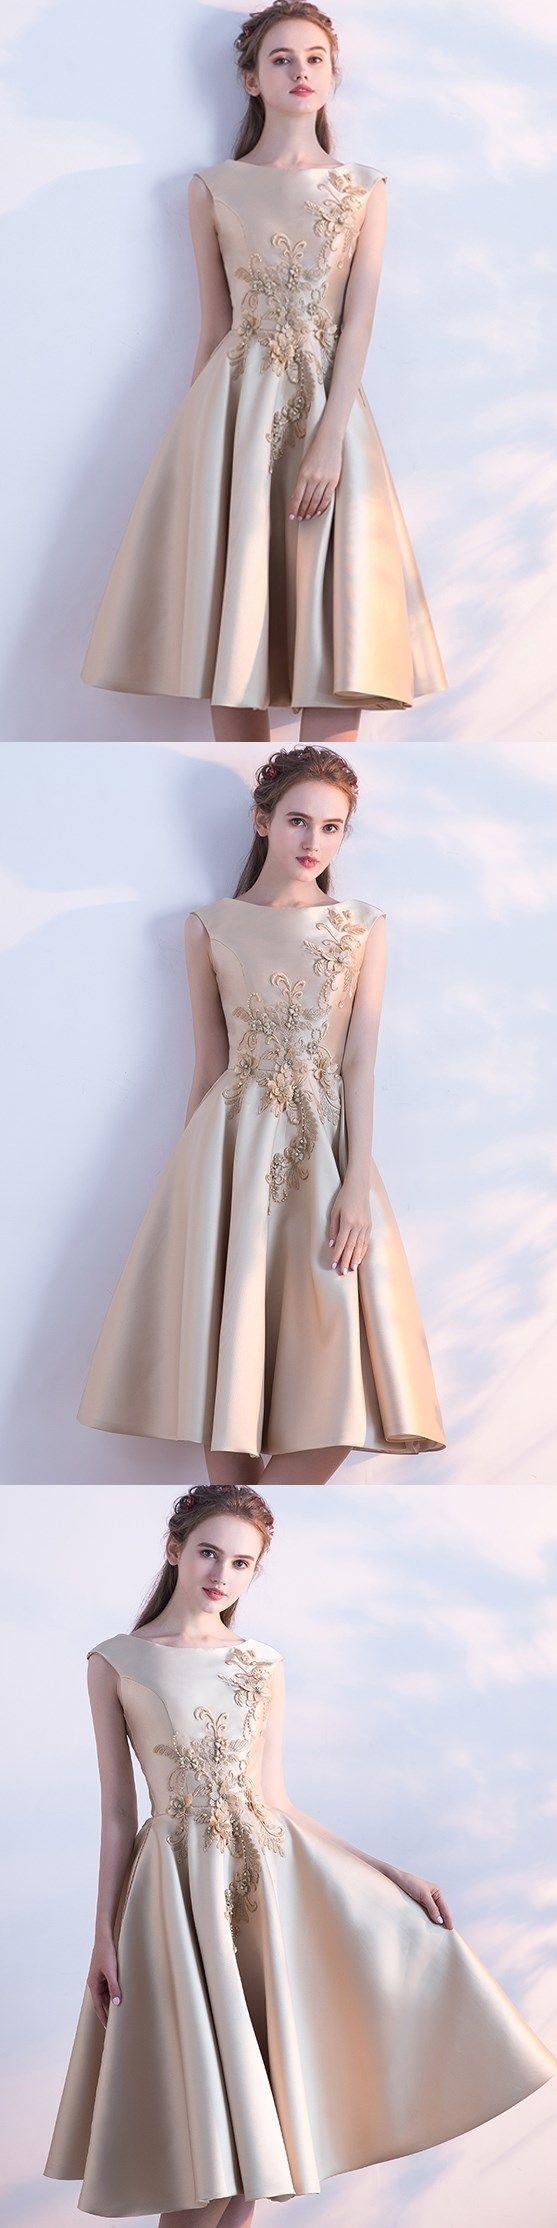 Designer Fantastisch Schöne Damen Kleider Vertrieb10 Großartig Schöne Damen Kleider Vertrieb